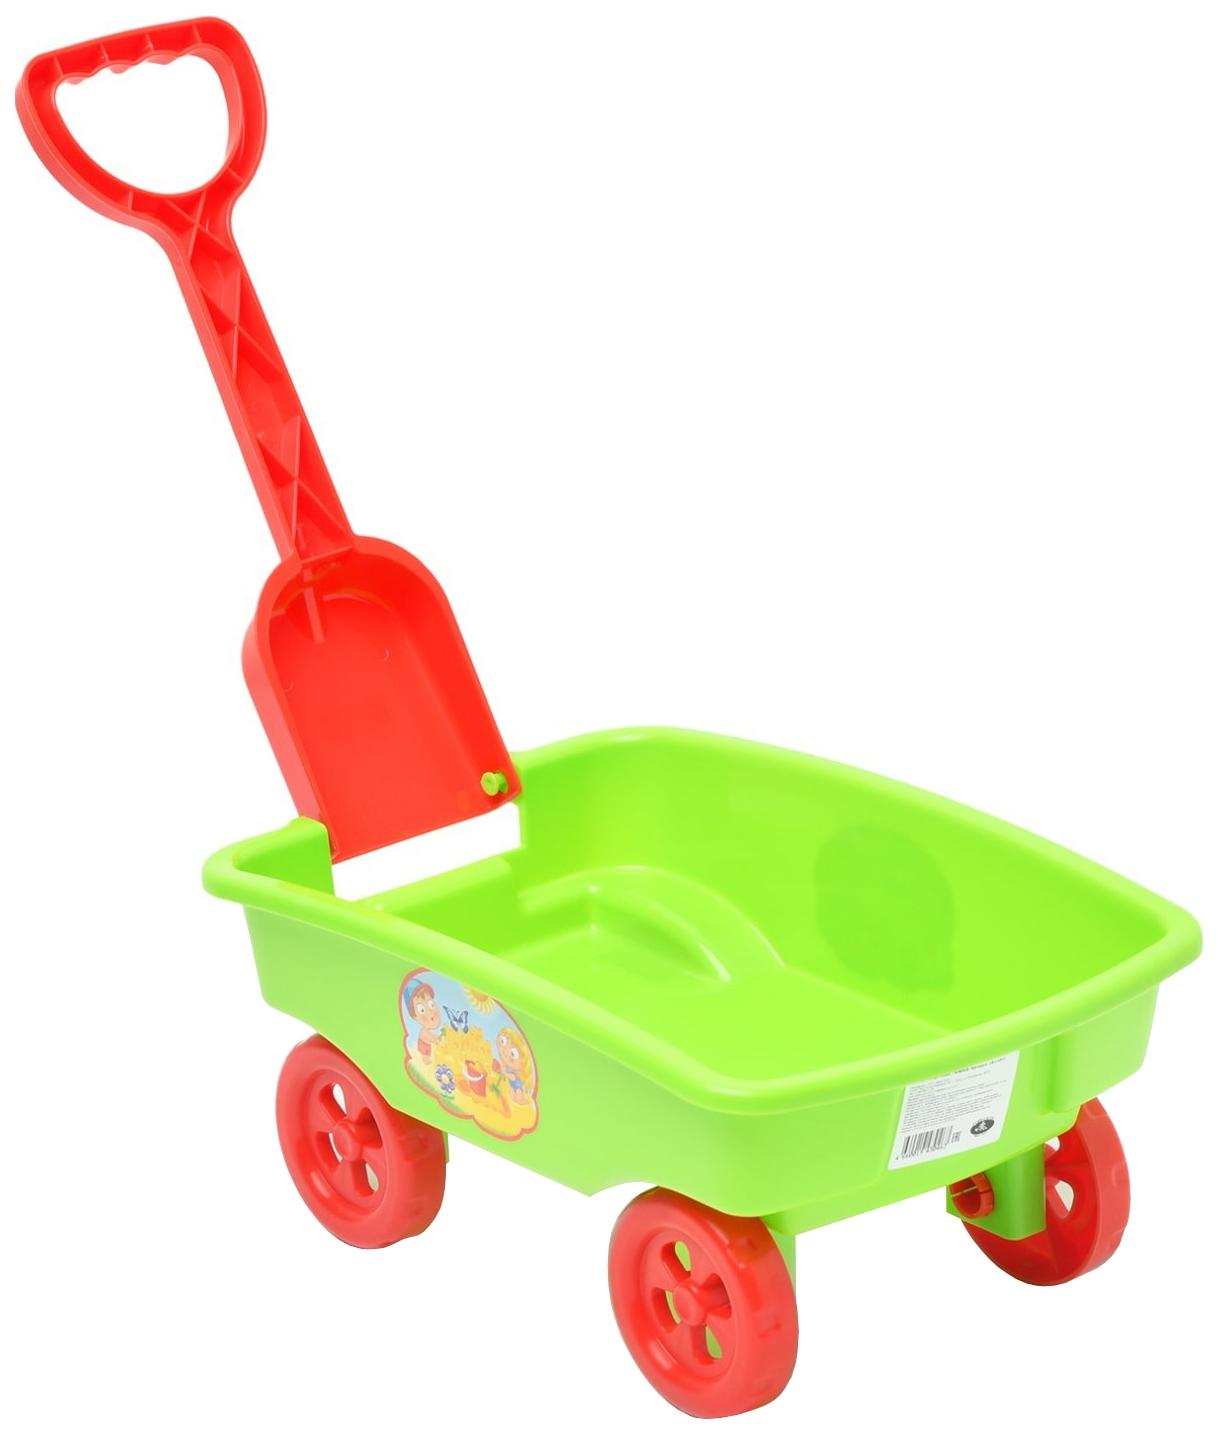 Купить Тележка игрушечная Zebratoys 15-11017, Детские тележки для супермаркета